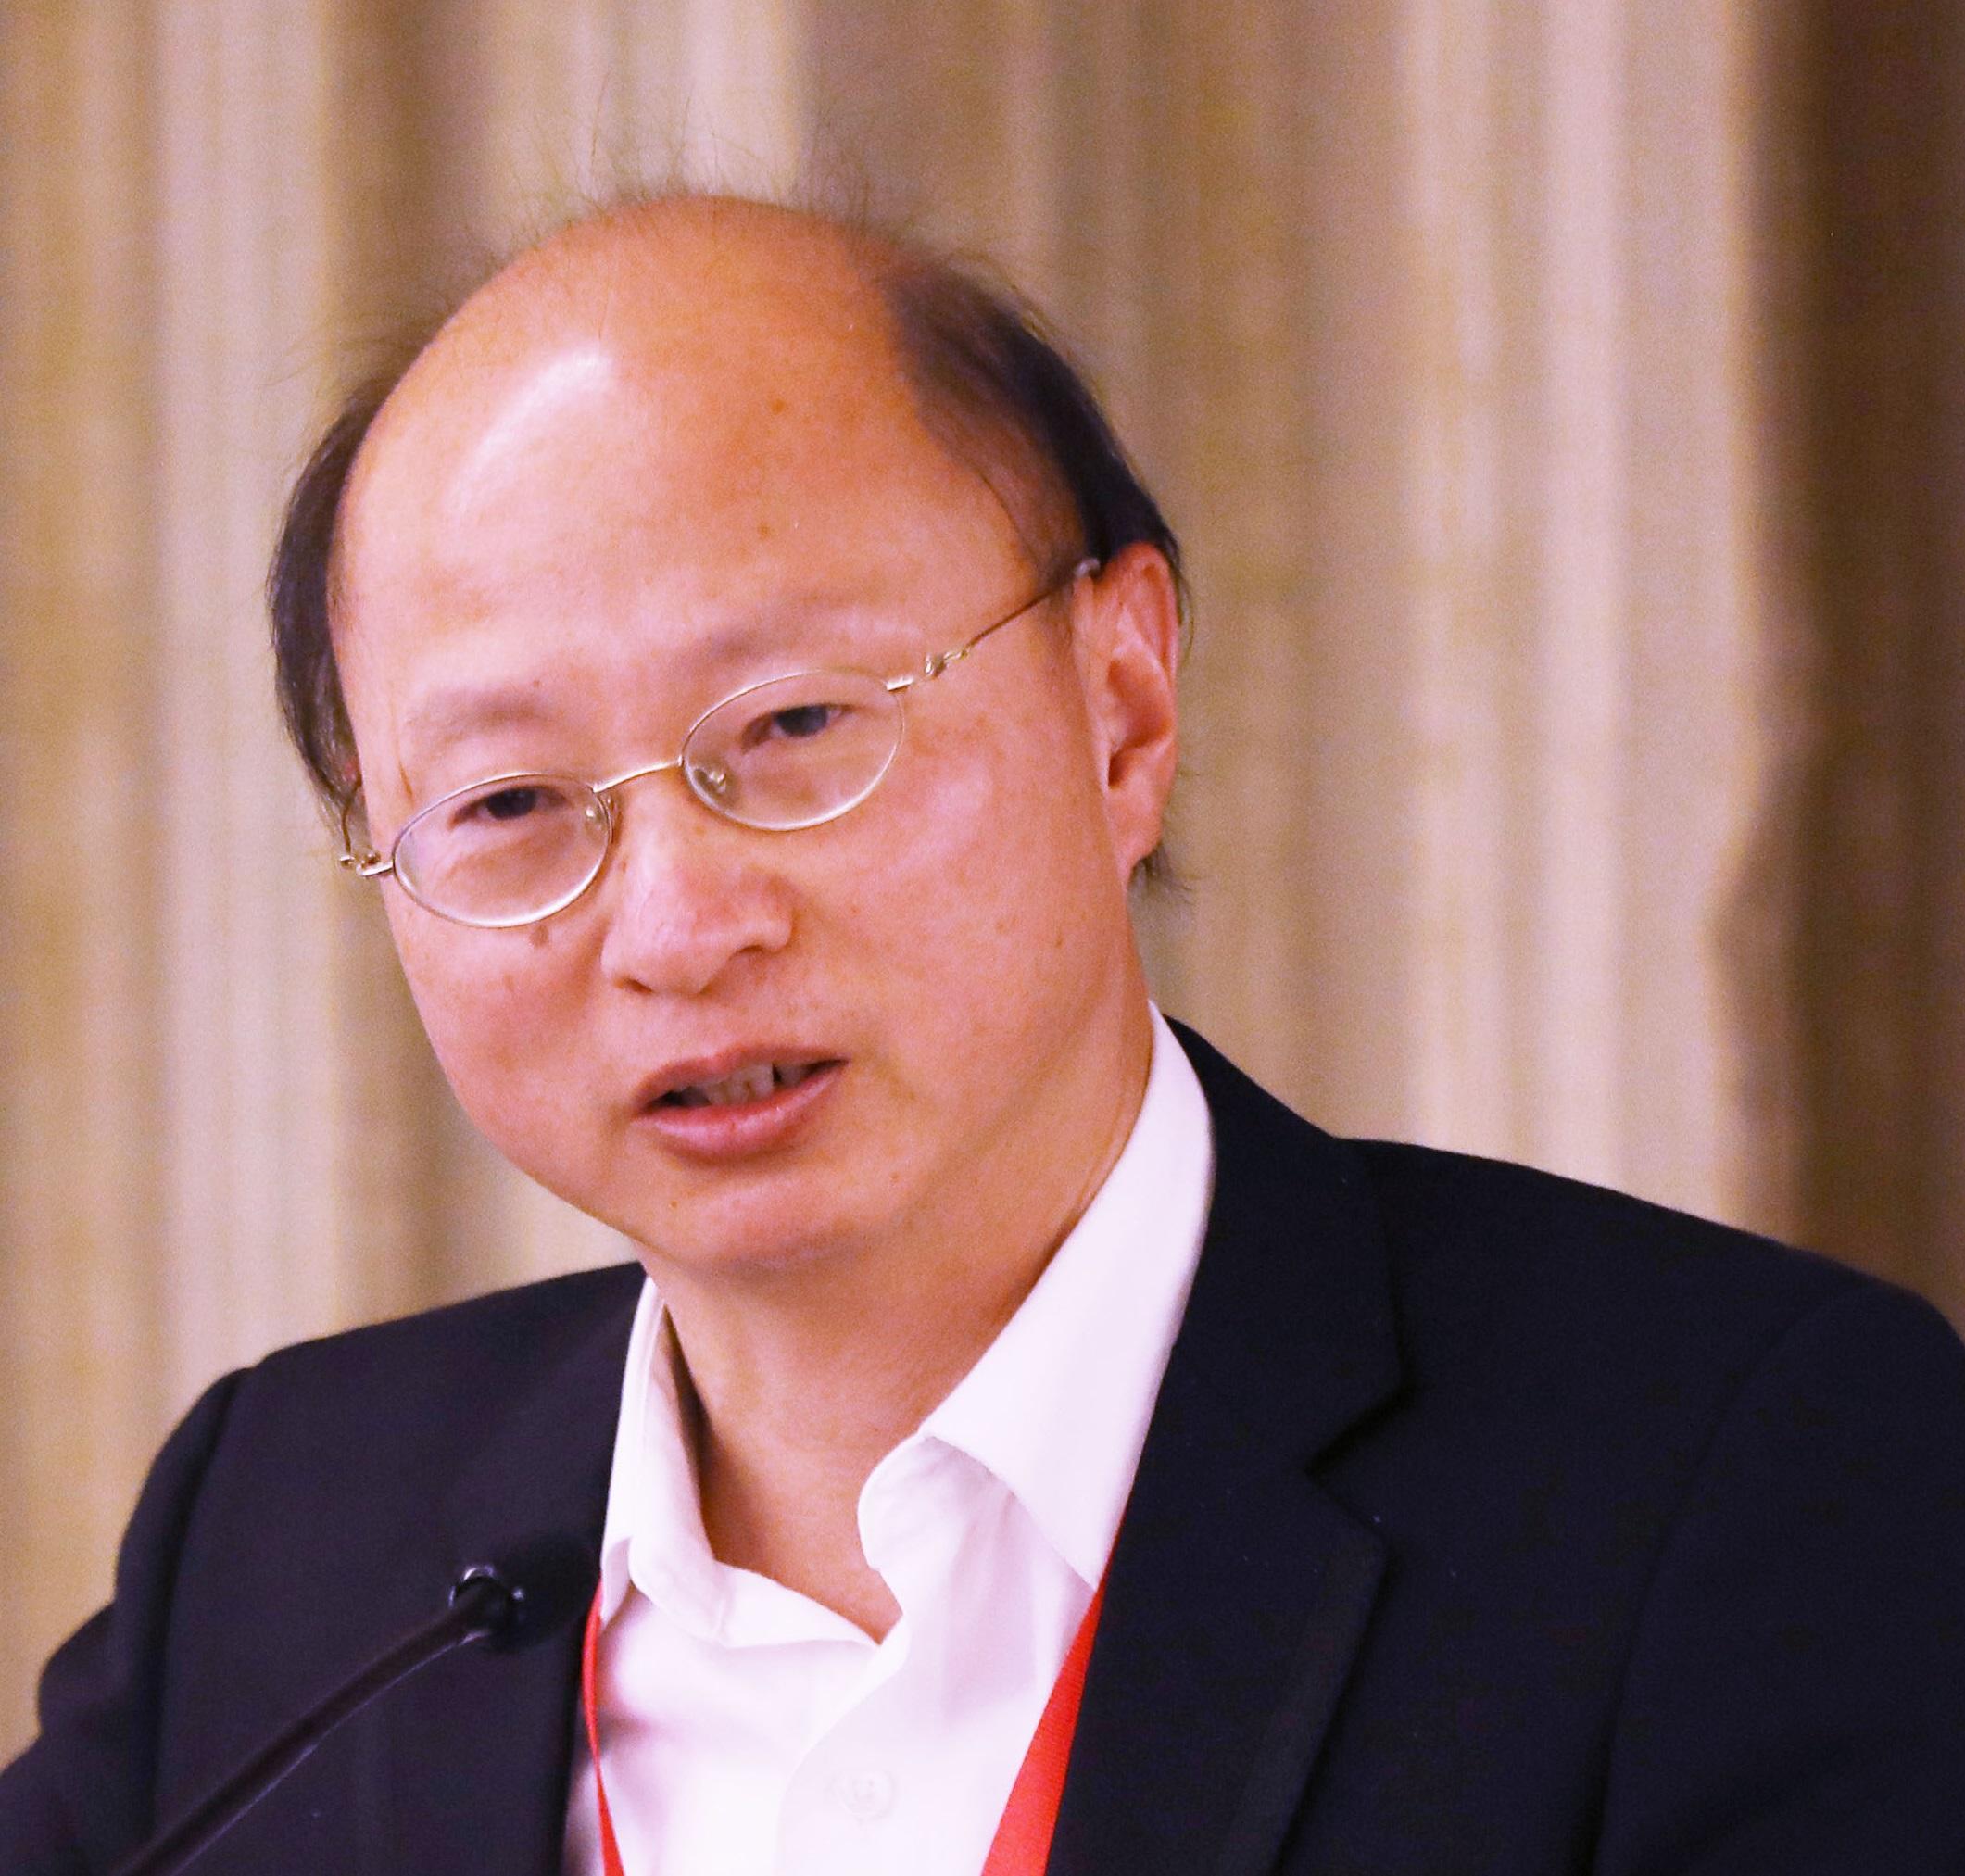 温州医科大学研究员吕斌照片